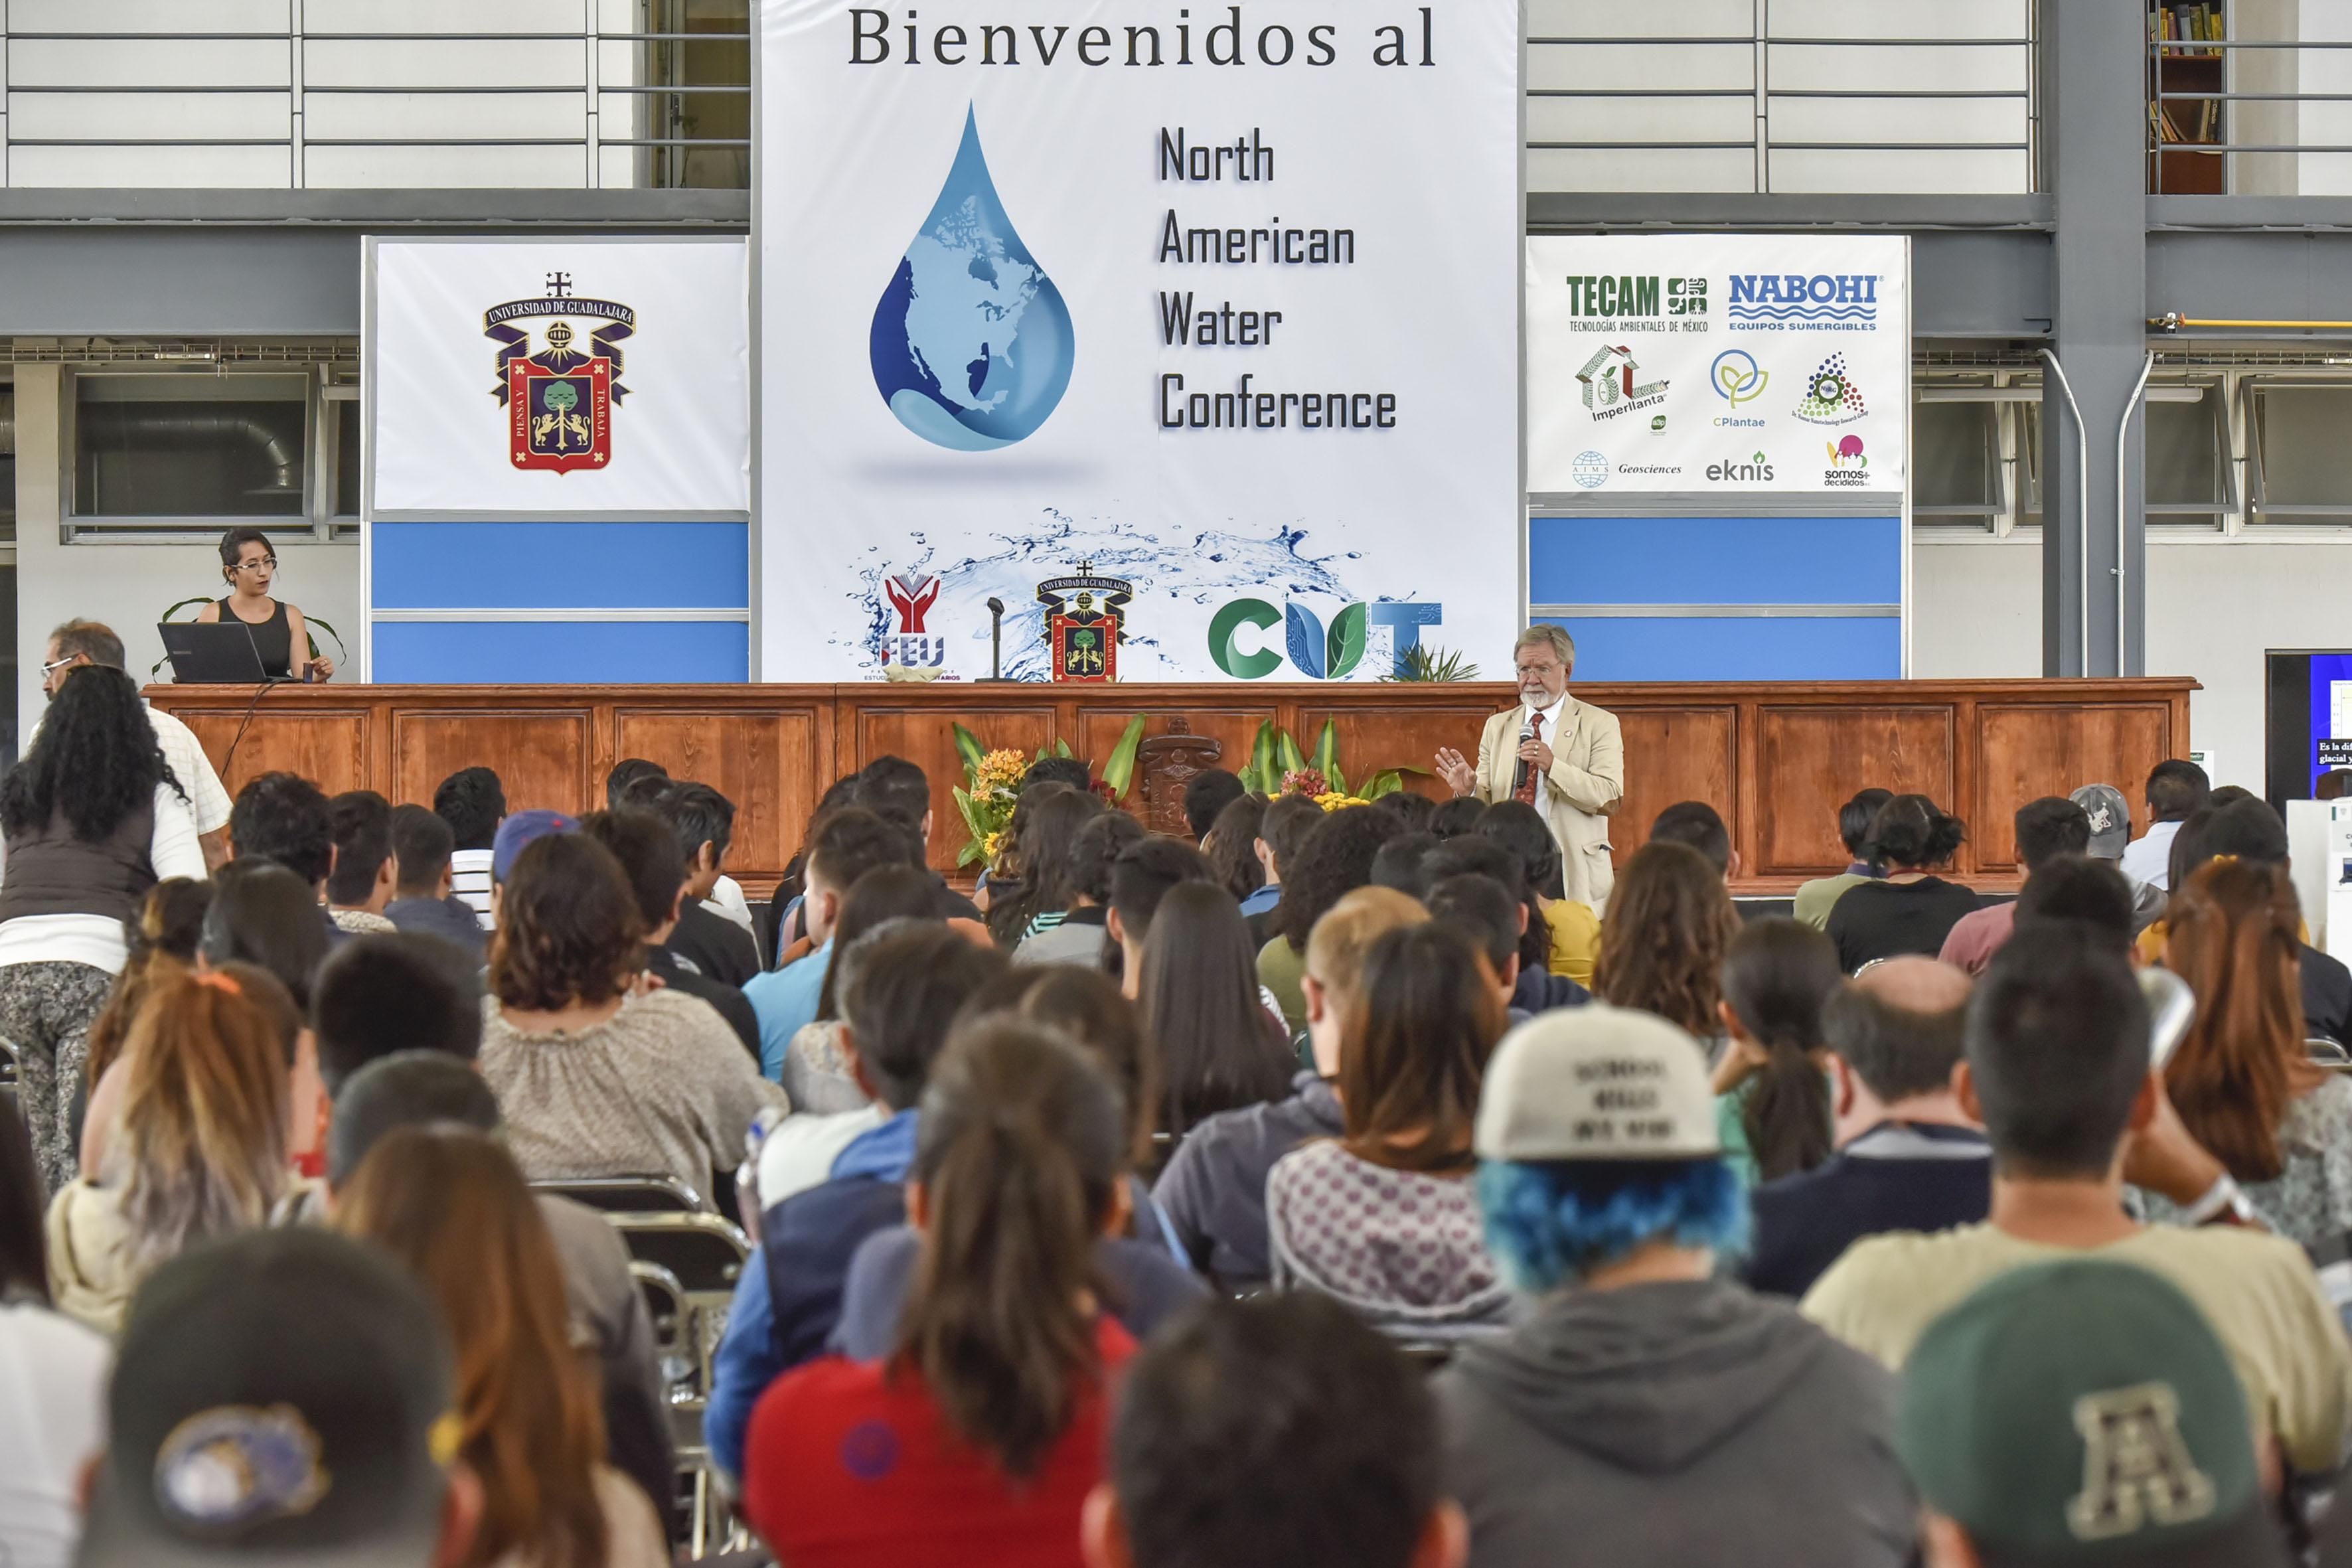 Estudiantes del Centro Universitario de Tonalá (CUTonalá), asistentes a la conferencia.